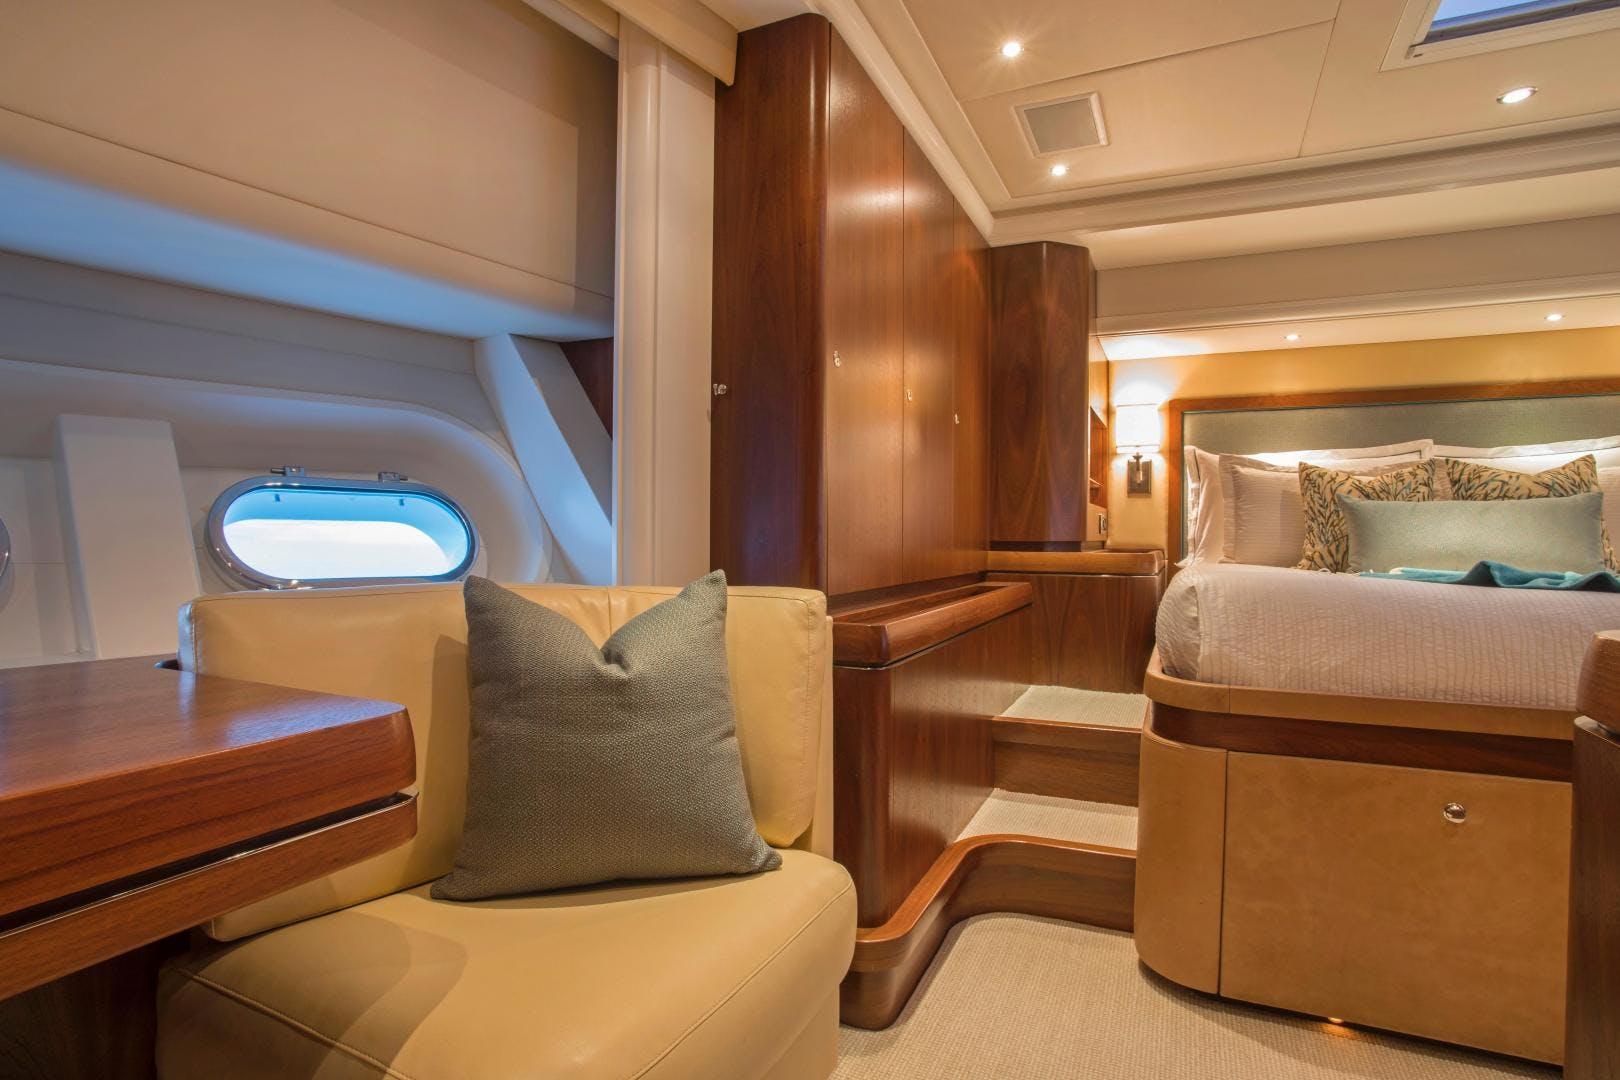 2009 Moonen 98' Flybridge Motor Yacht PURA VIDA | Picture 8 of 52